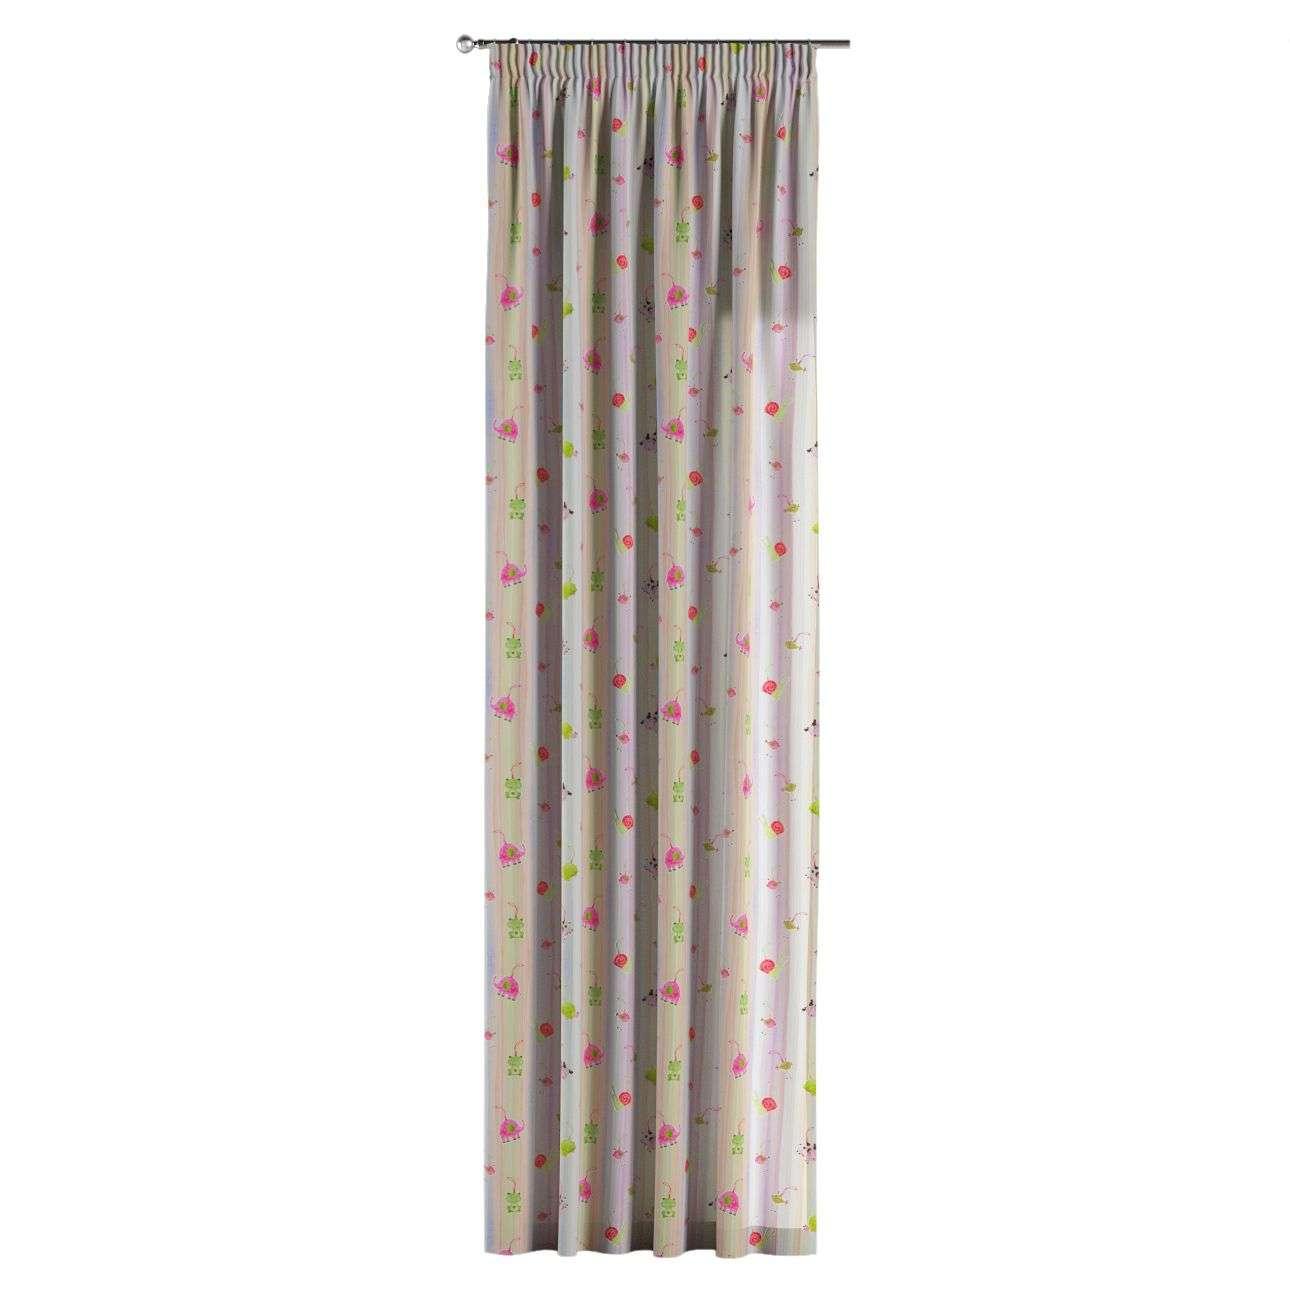 Záves na riasiacej páske 130 × 260 cm V kolekcii Apanona, tkanina: 151-05